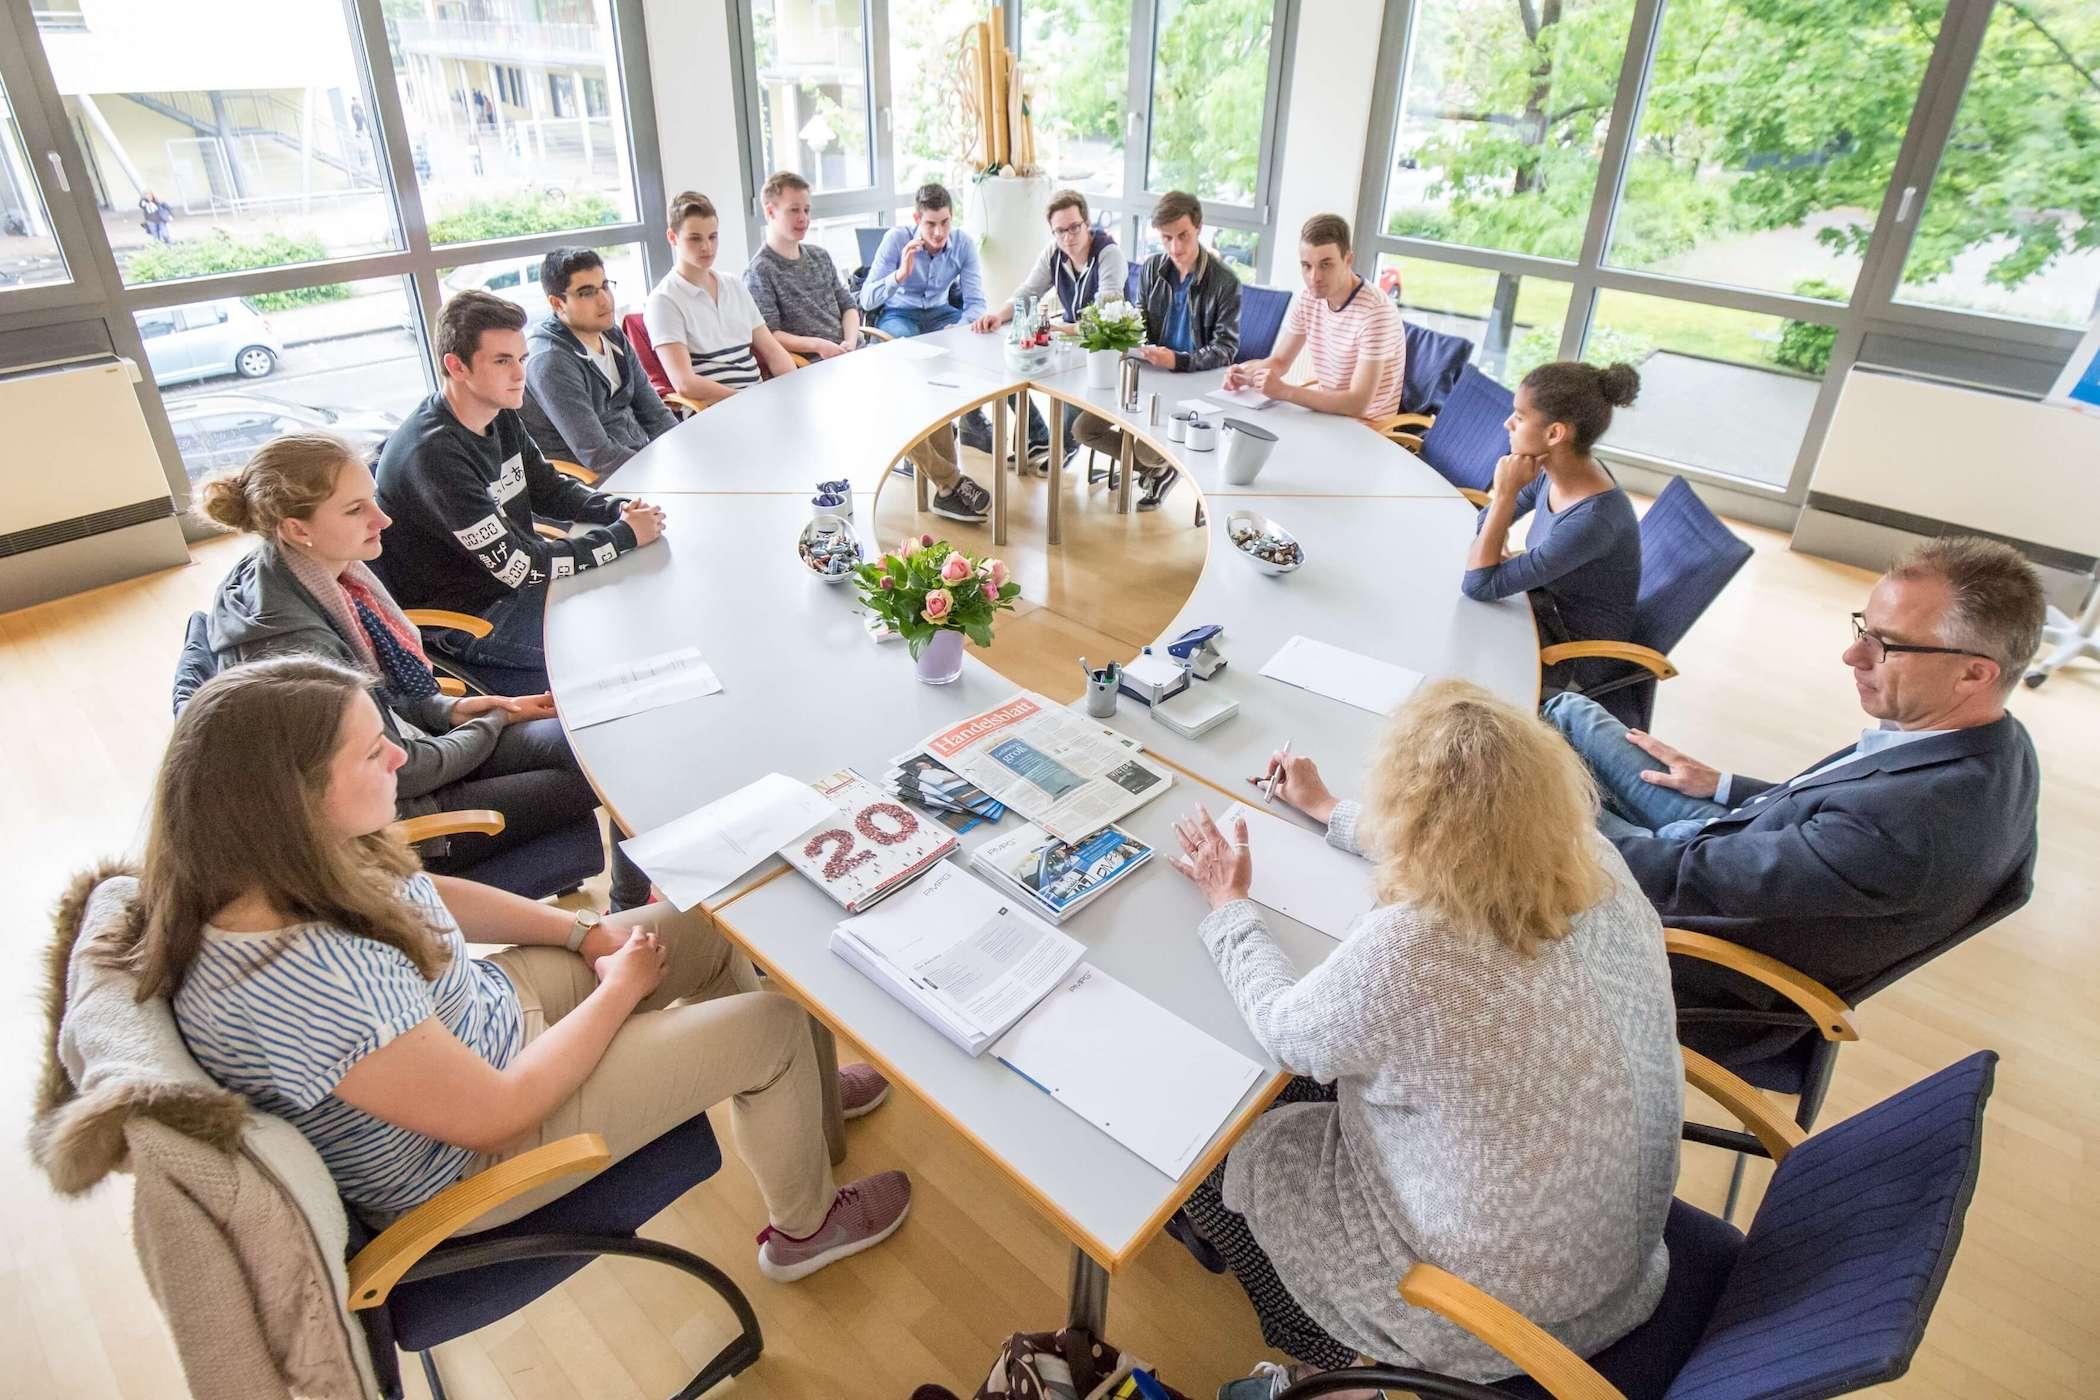 Schülerfirma Alexander-von-Humboldt-Gymnasium: Die Mitarbeiter der Schülerfirma am Alexander-von-Humboldt-Gymnasium bei einer Besprechung.